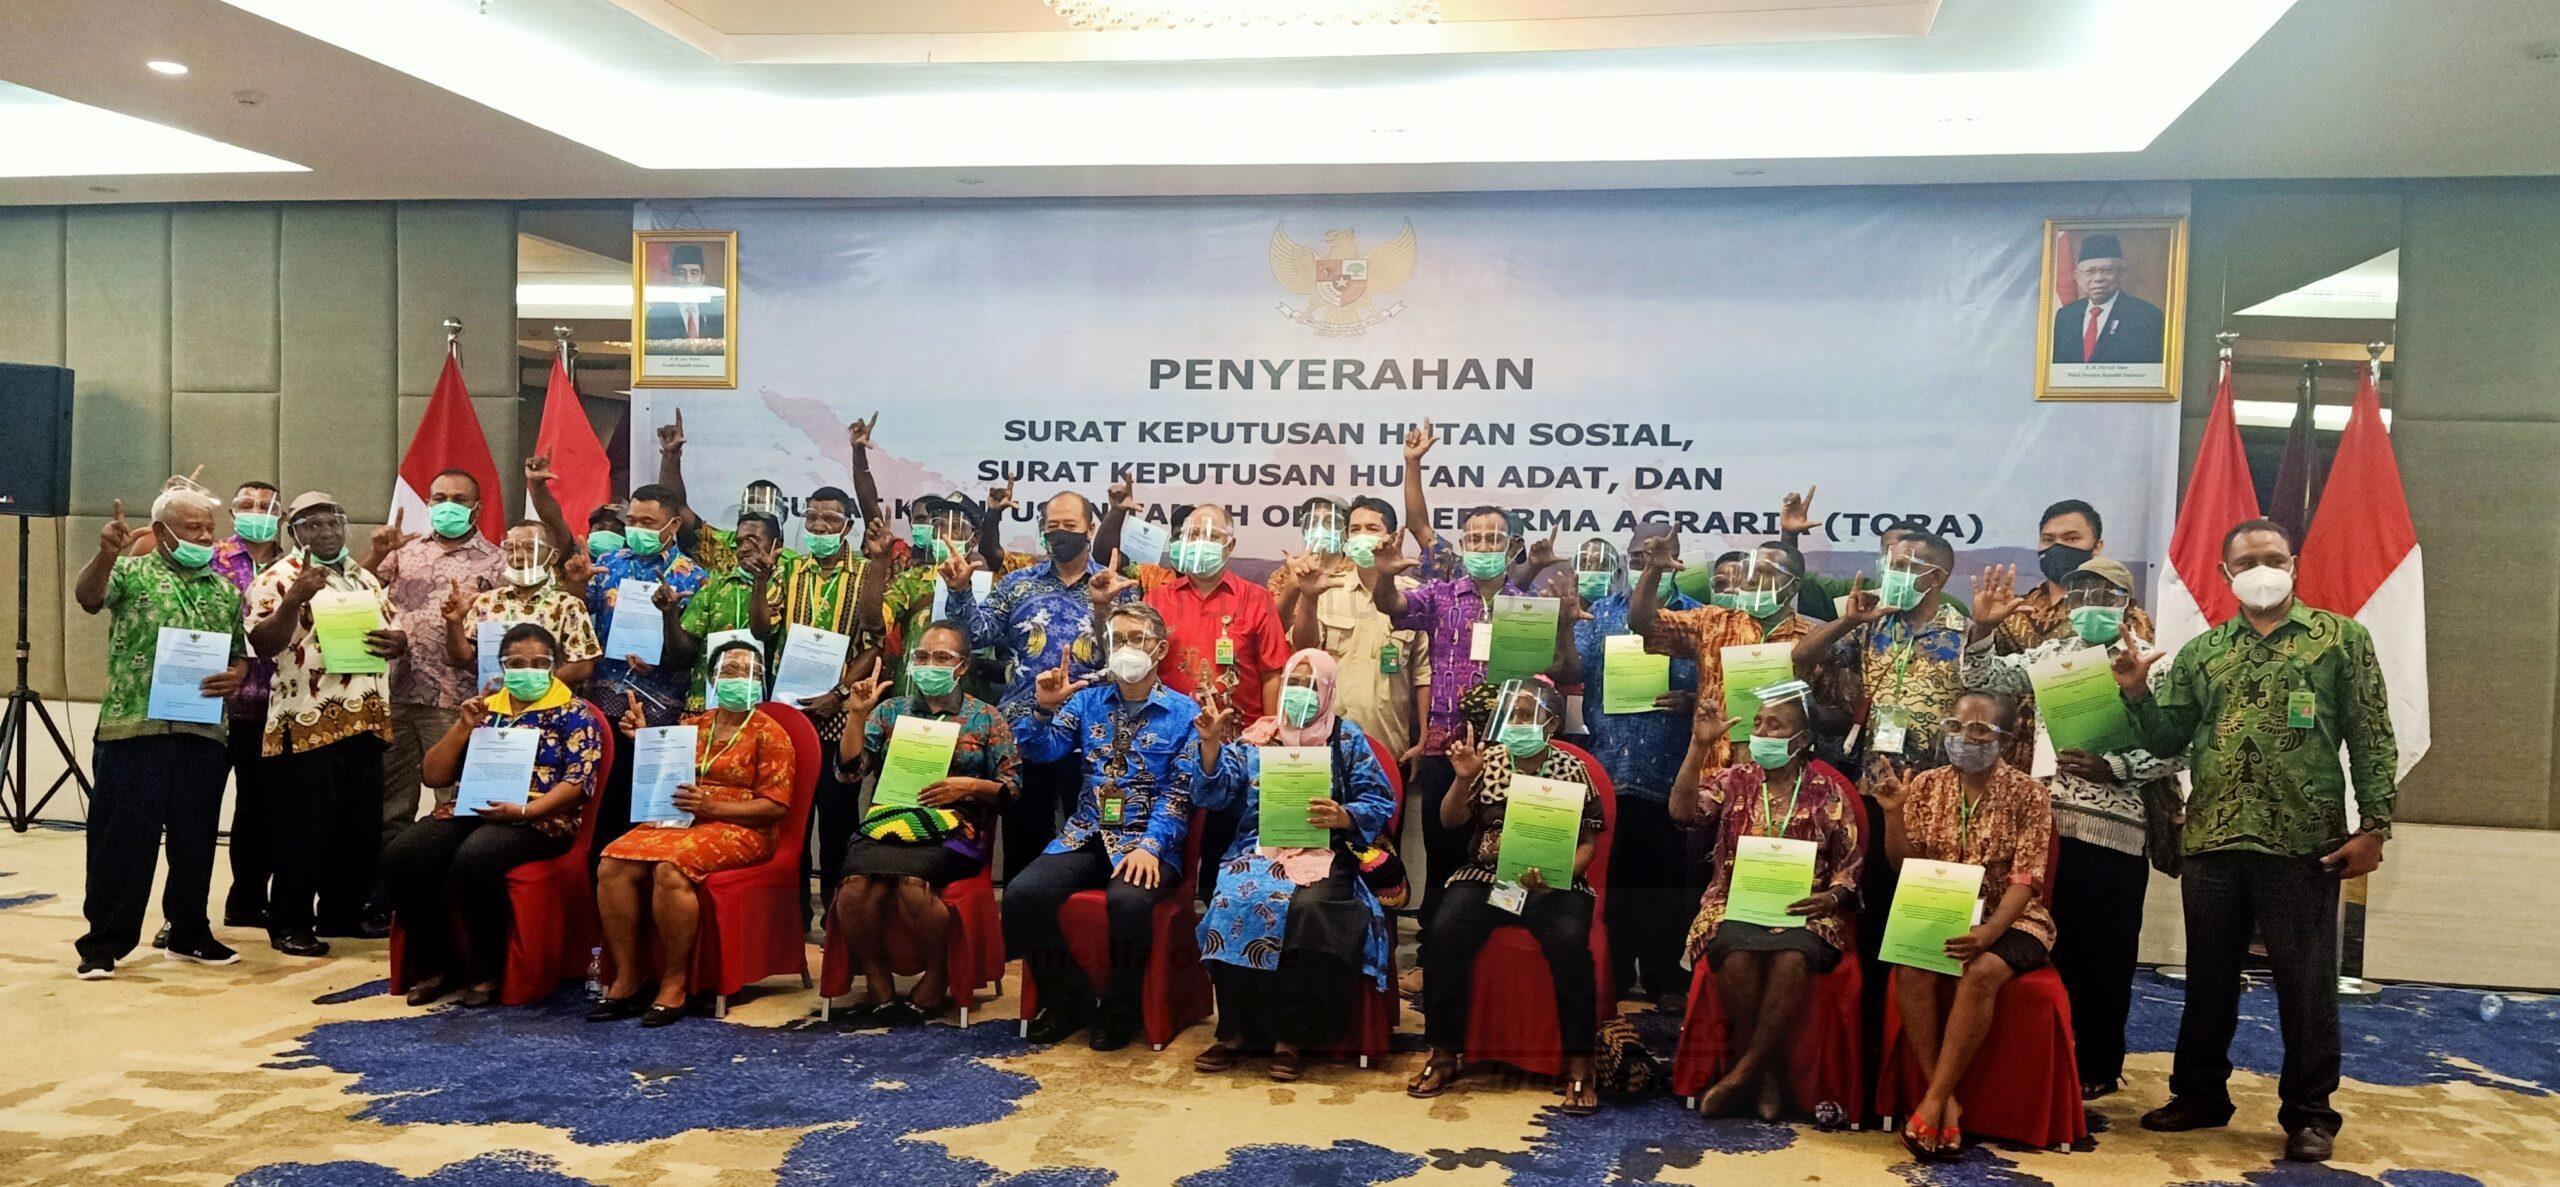 Gubernur Papua Barat, SK Hutan Adat Akan Ditindaklanjuti Dalam Pergub dan Perda 1 IMG 20210108 202405 scaled